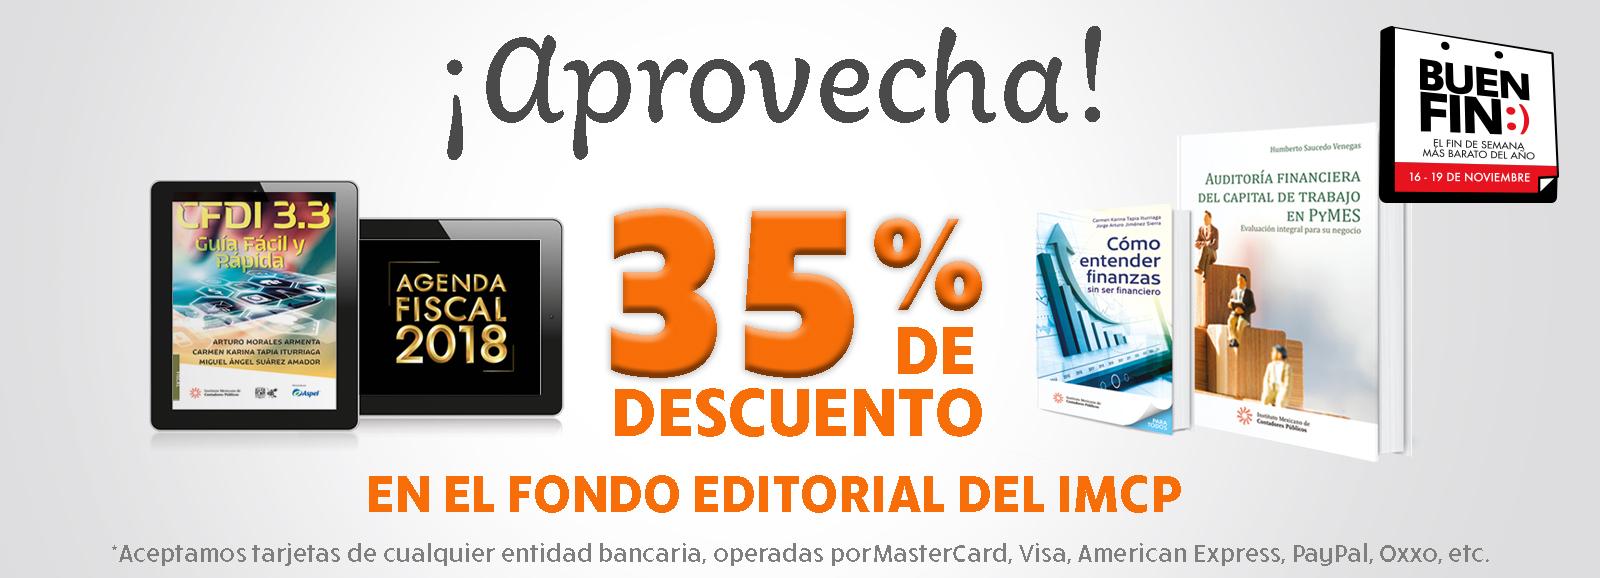 """BUEN FIN, """"Aprovecha 35% de descuento en el fondo editorial del IMCP"""""""